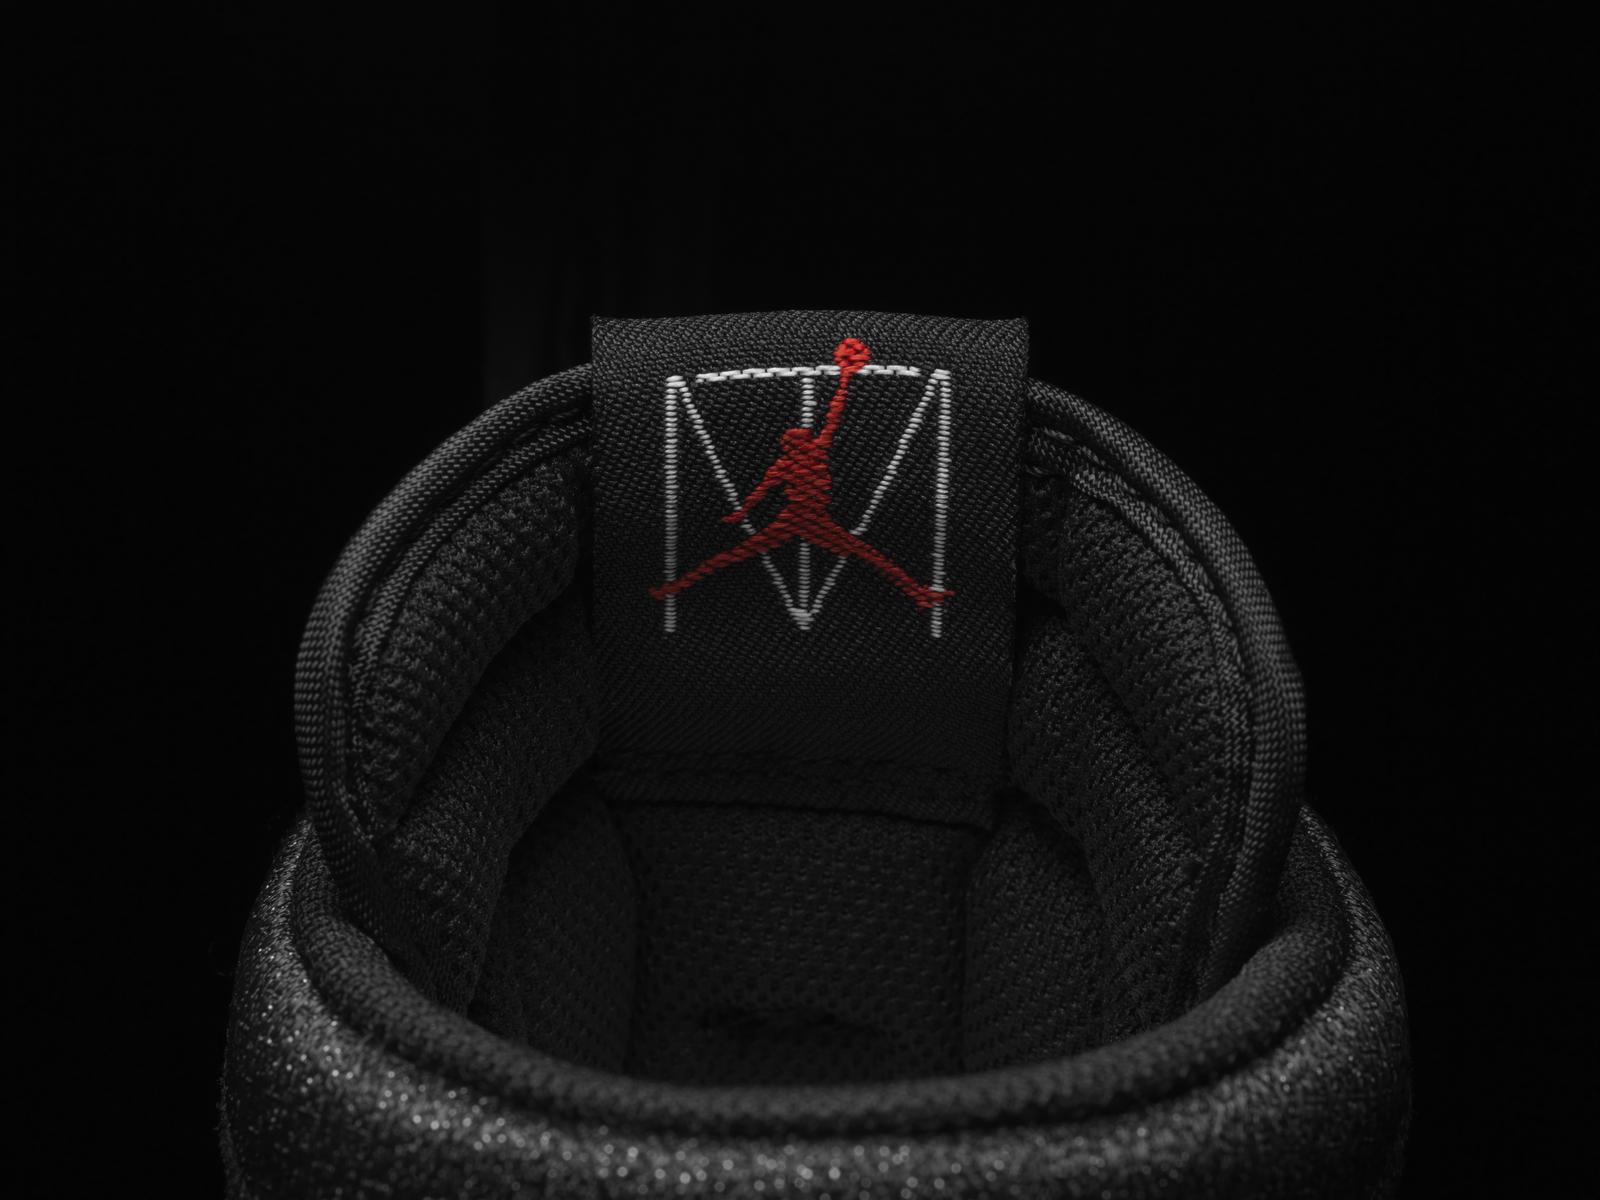 air-jordan-mtm-pack-official-images-06